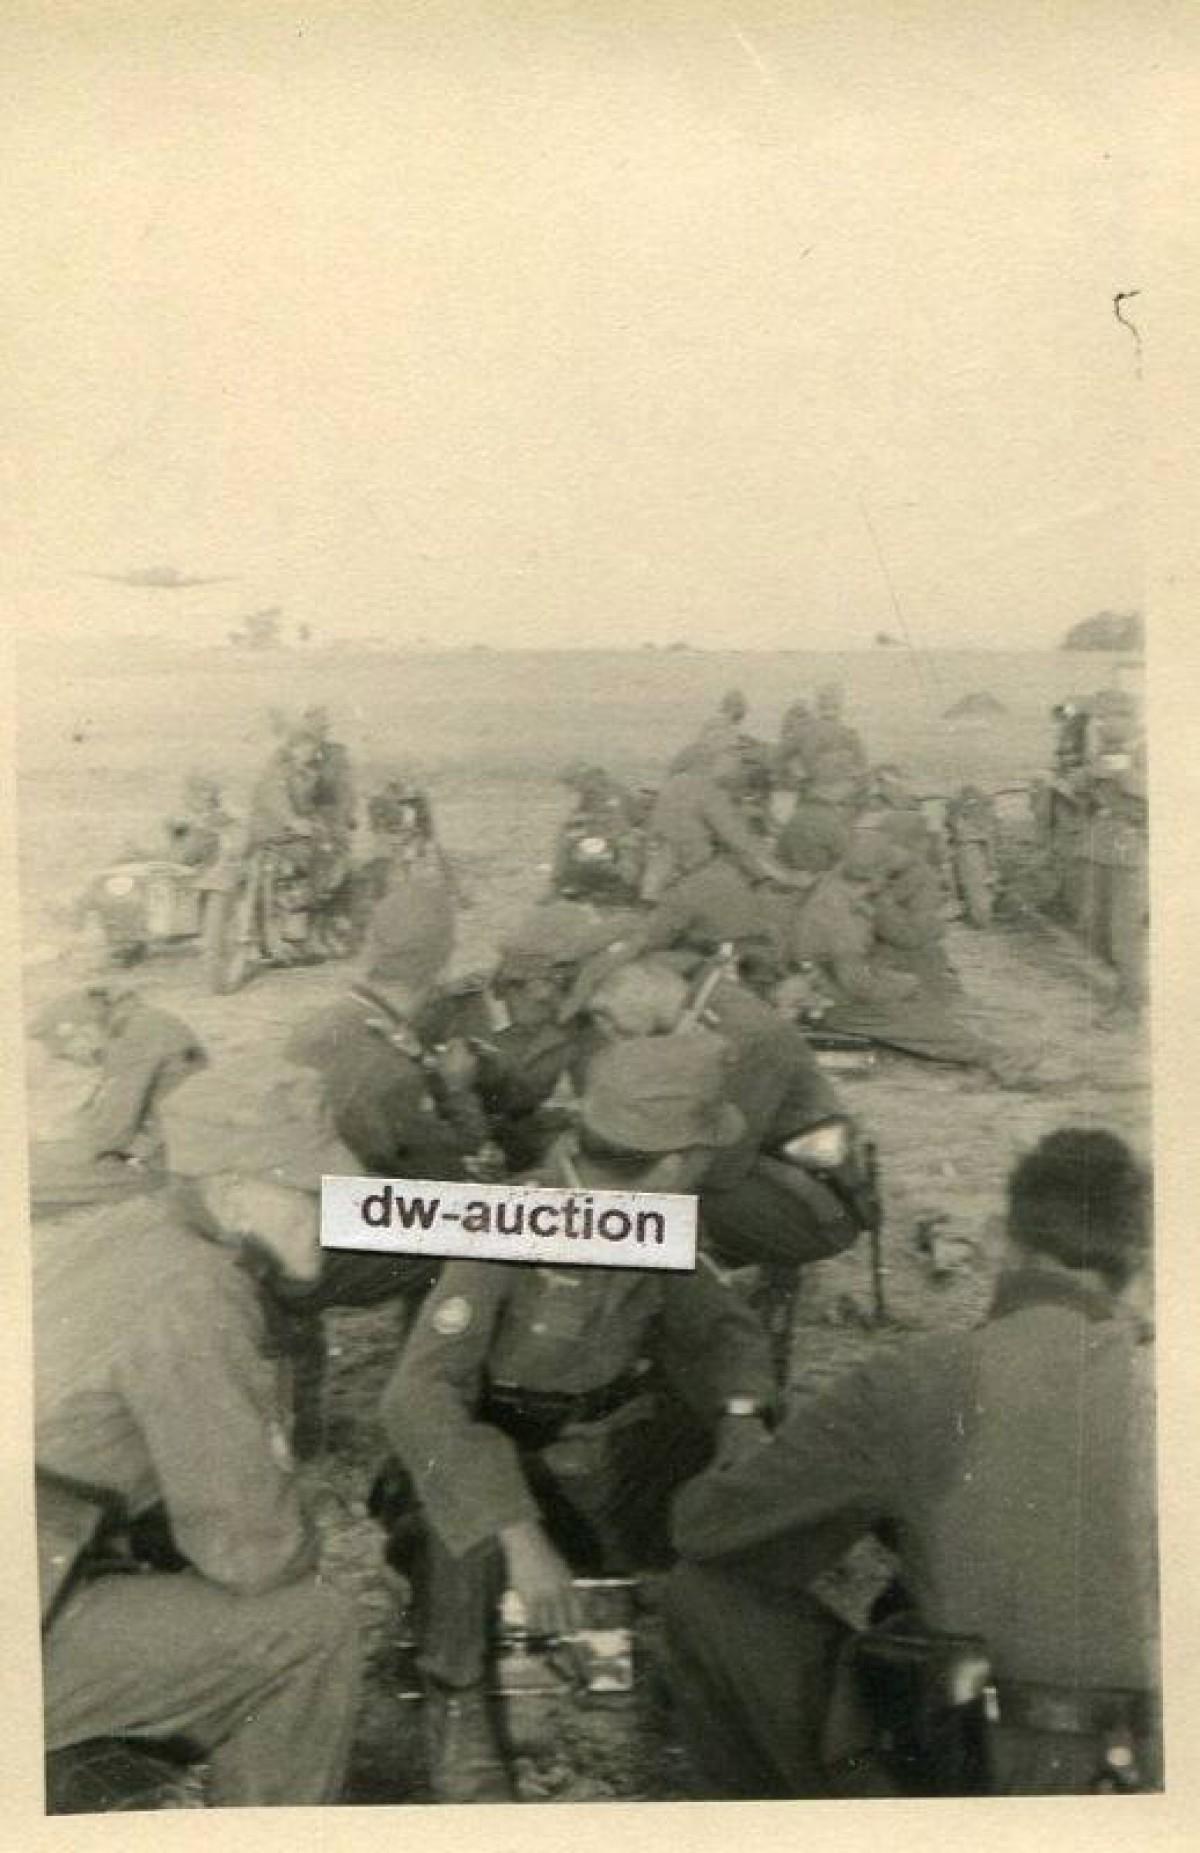 1941, Μάλεμε. Επίλεκτοι Γερμανοί στρατιώτες της Edelweiss